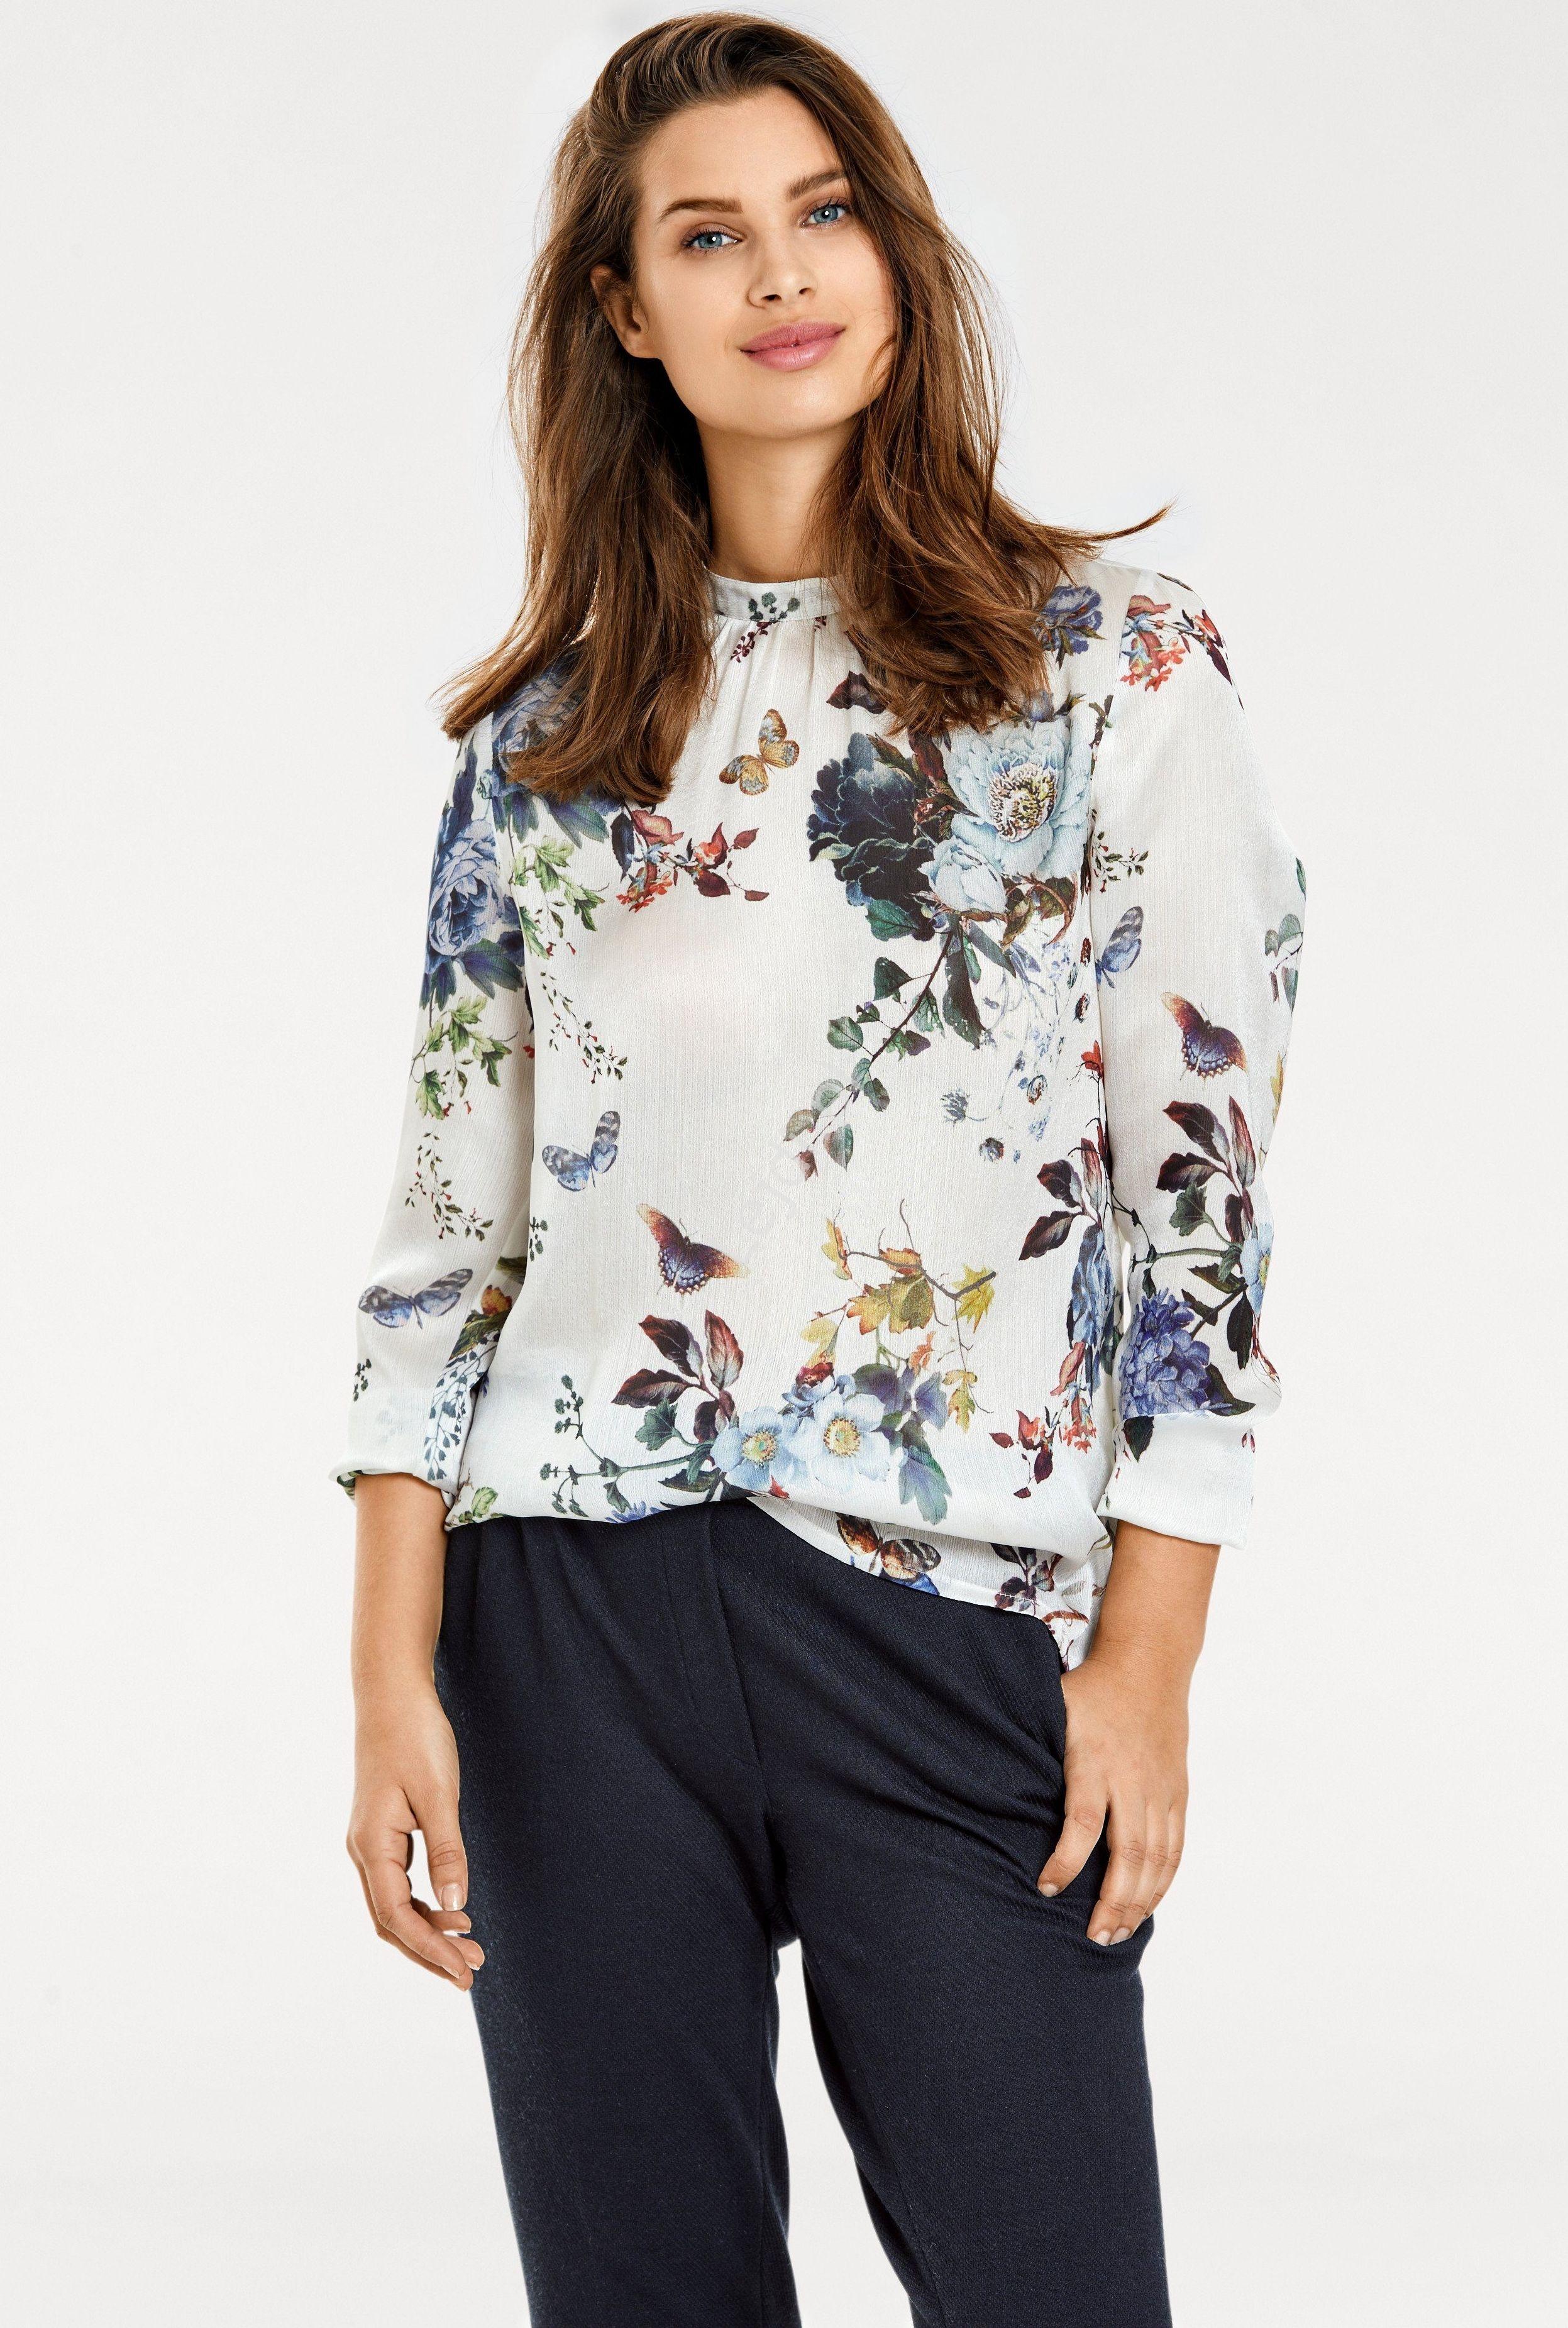 Szyfonowa bluzka w kwiaty i motyle - Lejdi